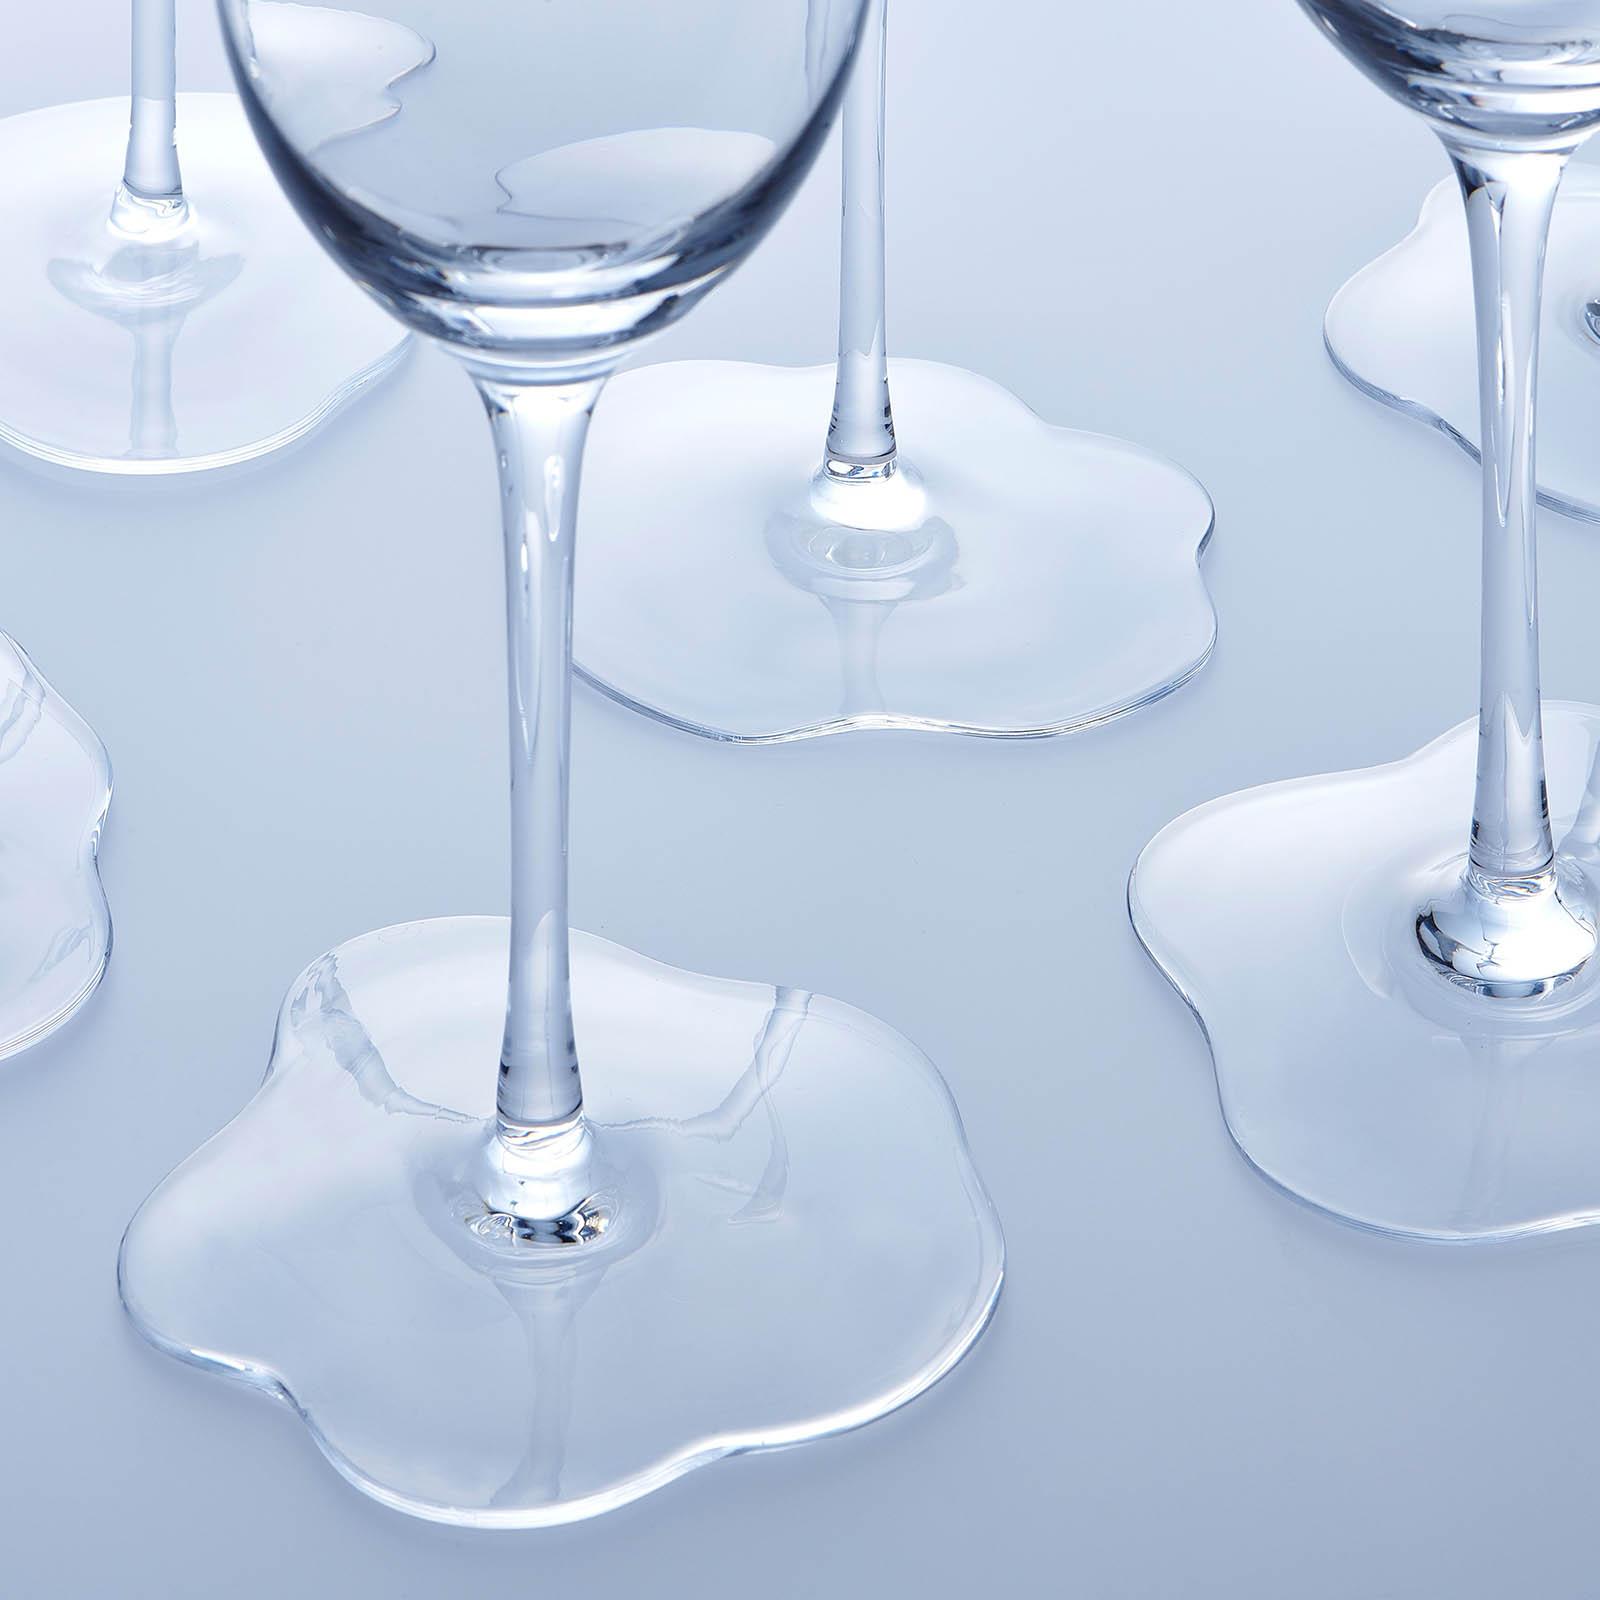 フェノム:ミズモレグラス レッドワイン